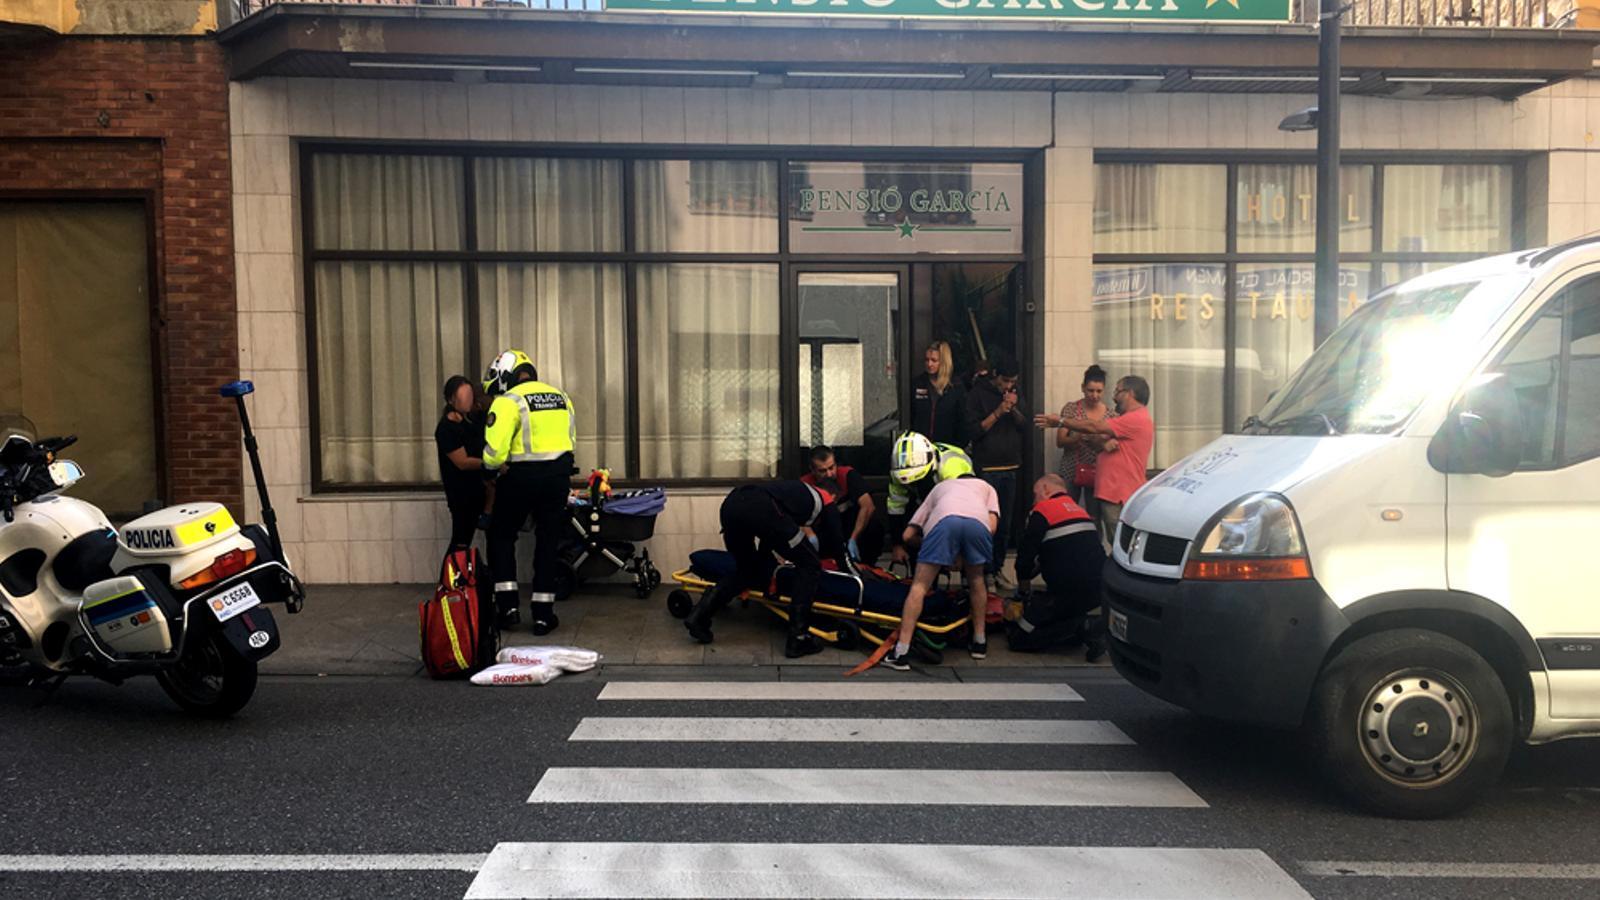 Els serveis d'emergències atenen el ferit al lloc dels fets. / M. T. (ANA)